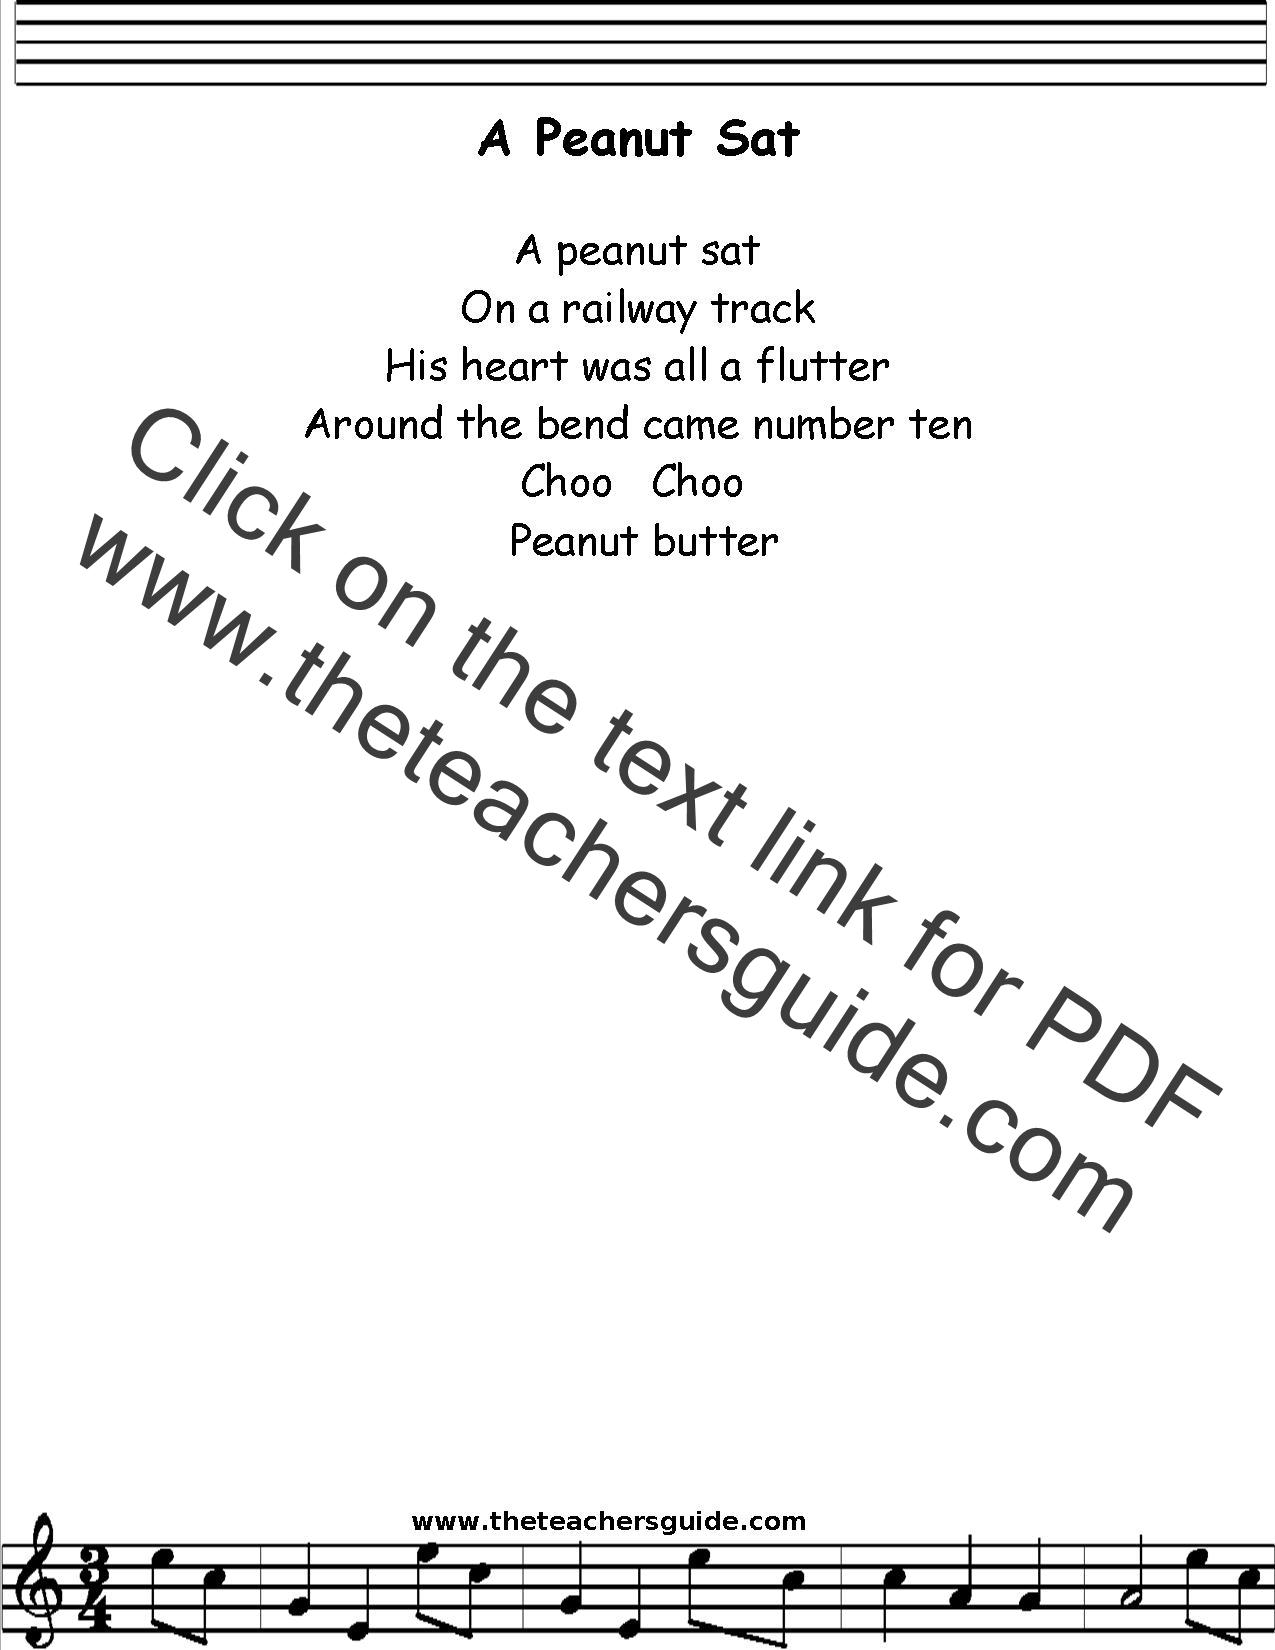 A Peanut Sat Lyrics Printout Midi And Video